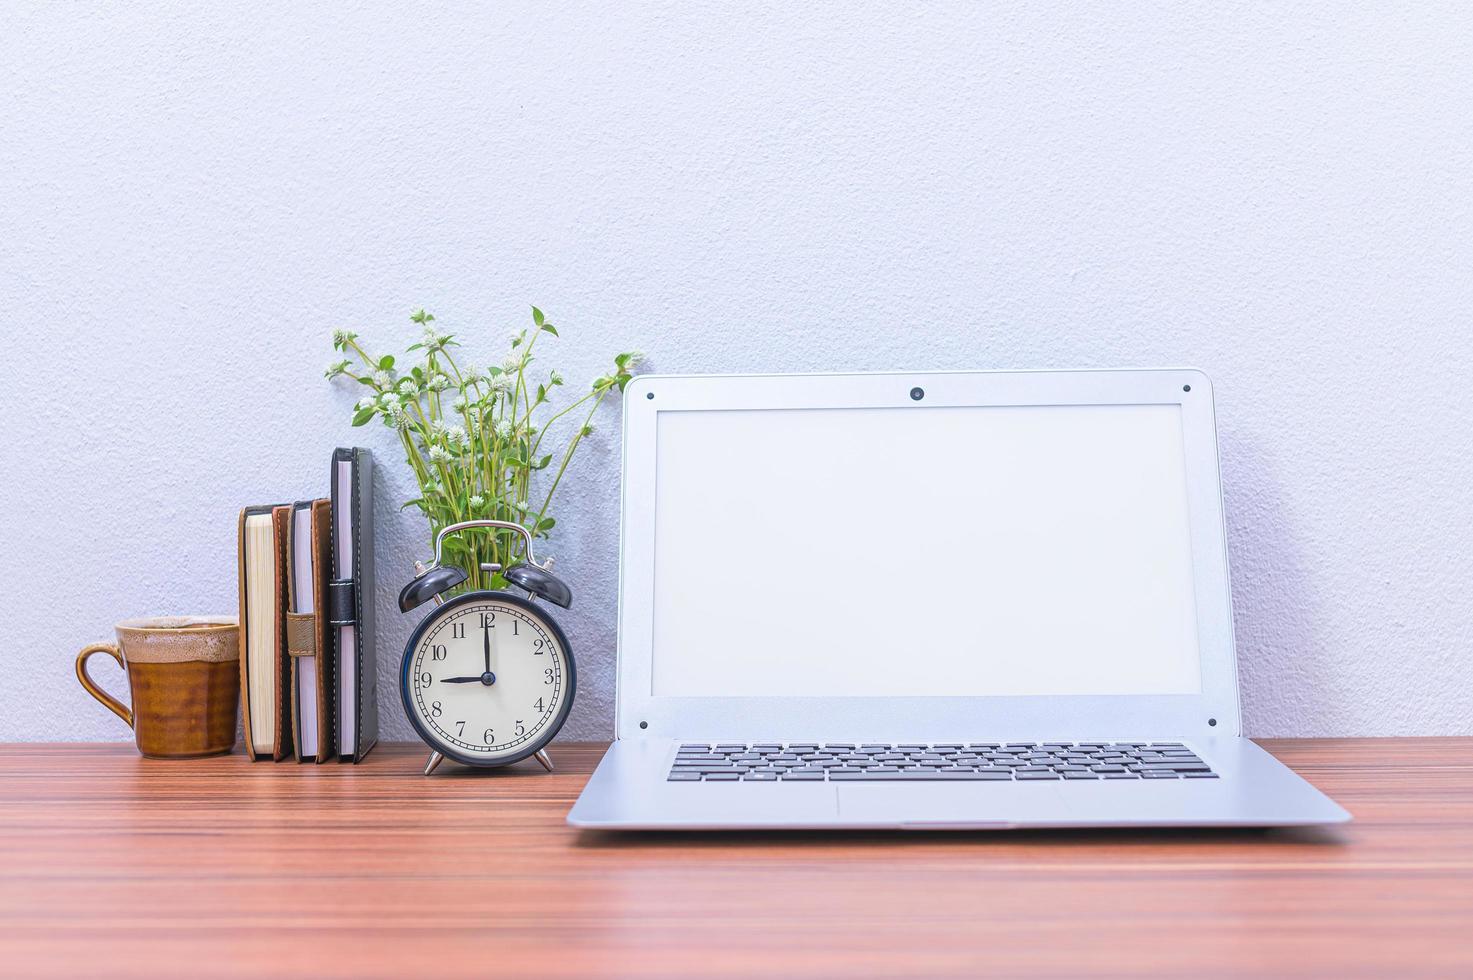 Laptop, Wecker und Blume auf dem Schreibtisch foto